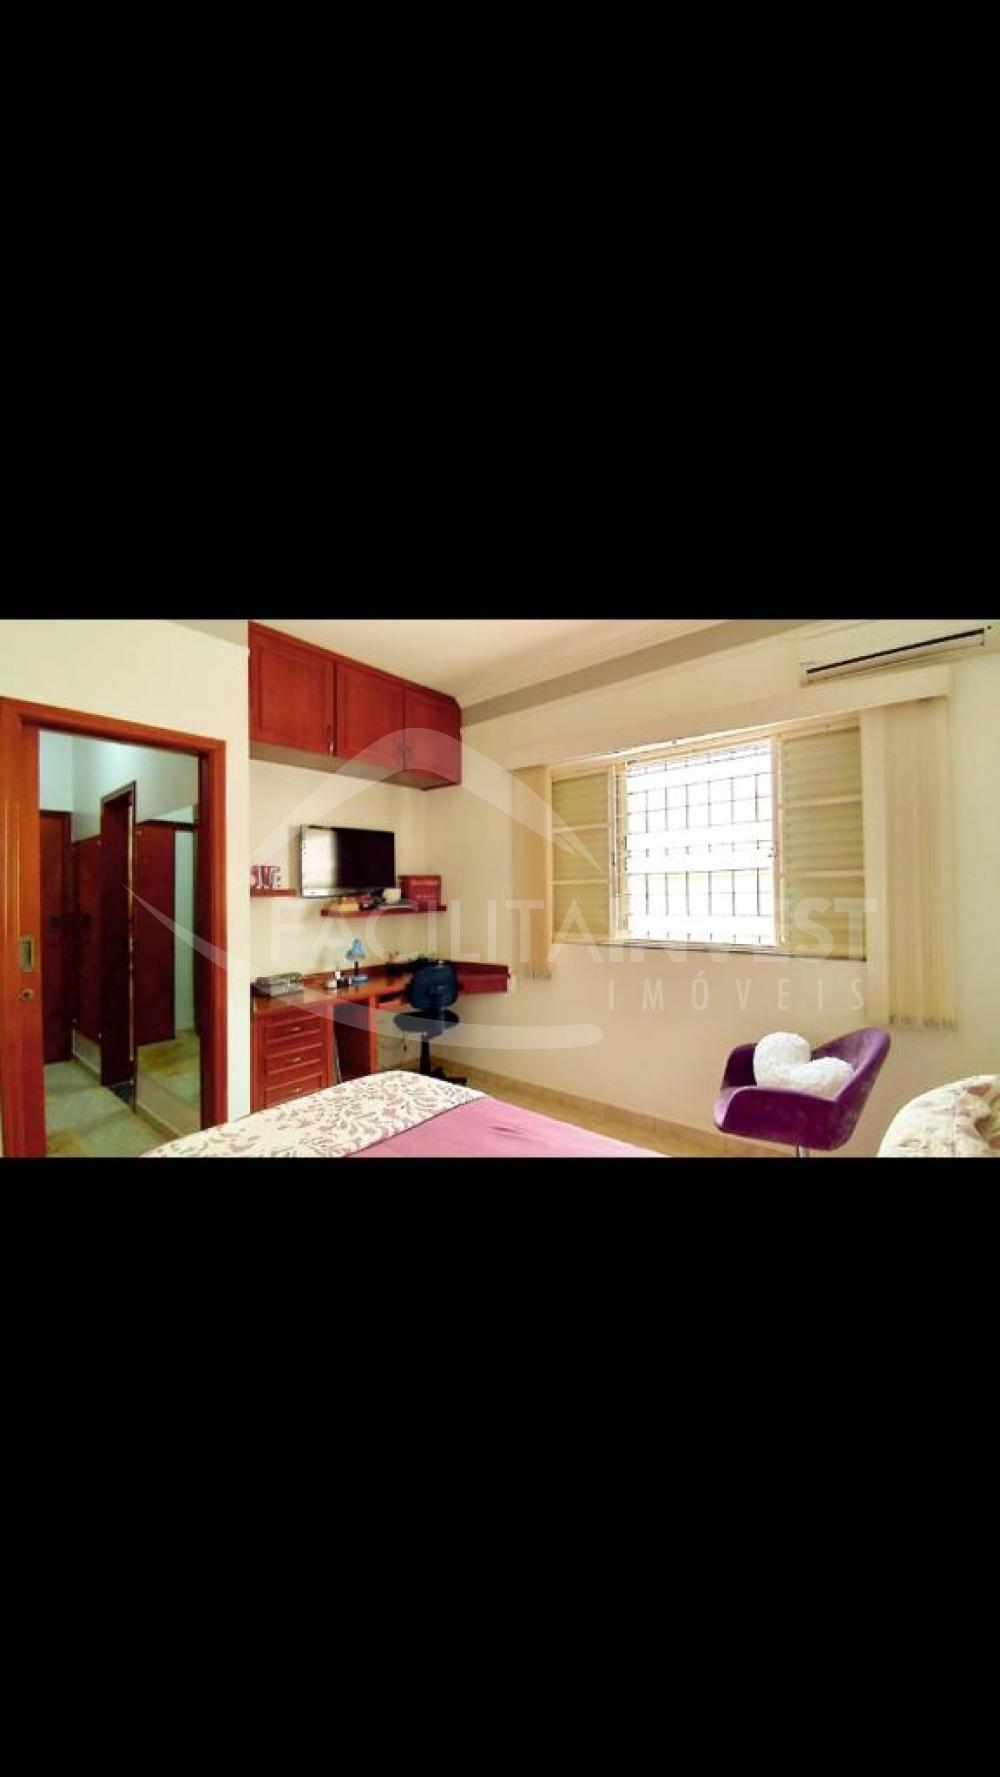 Comprar Casa Padrão / Casa Padrão em Ribeirão Preto R$ 900.000,00 - Foto 10